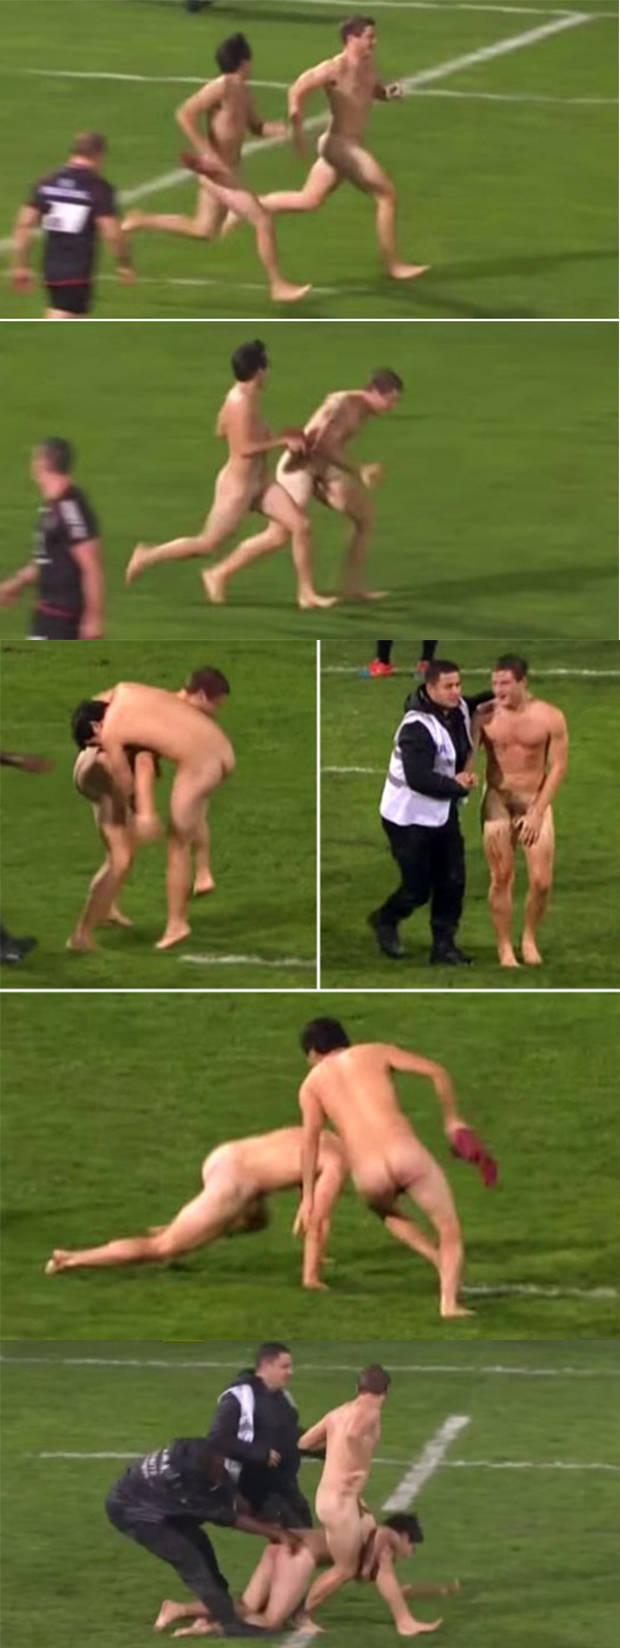 rugger bugger naked streaker football